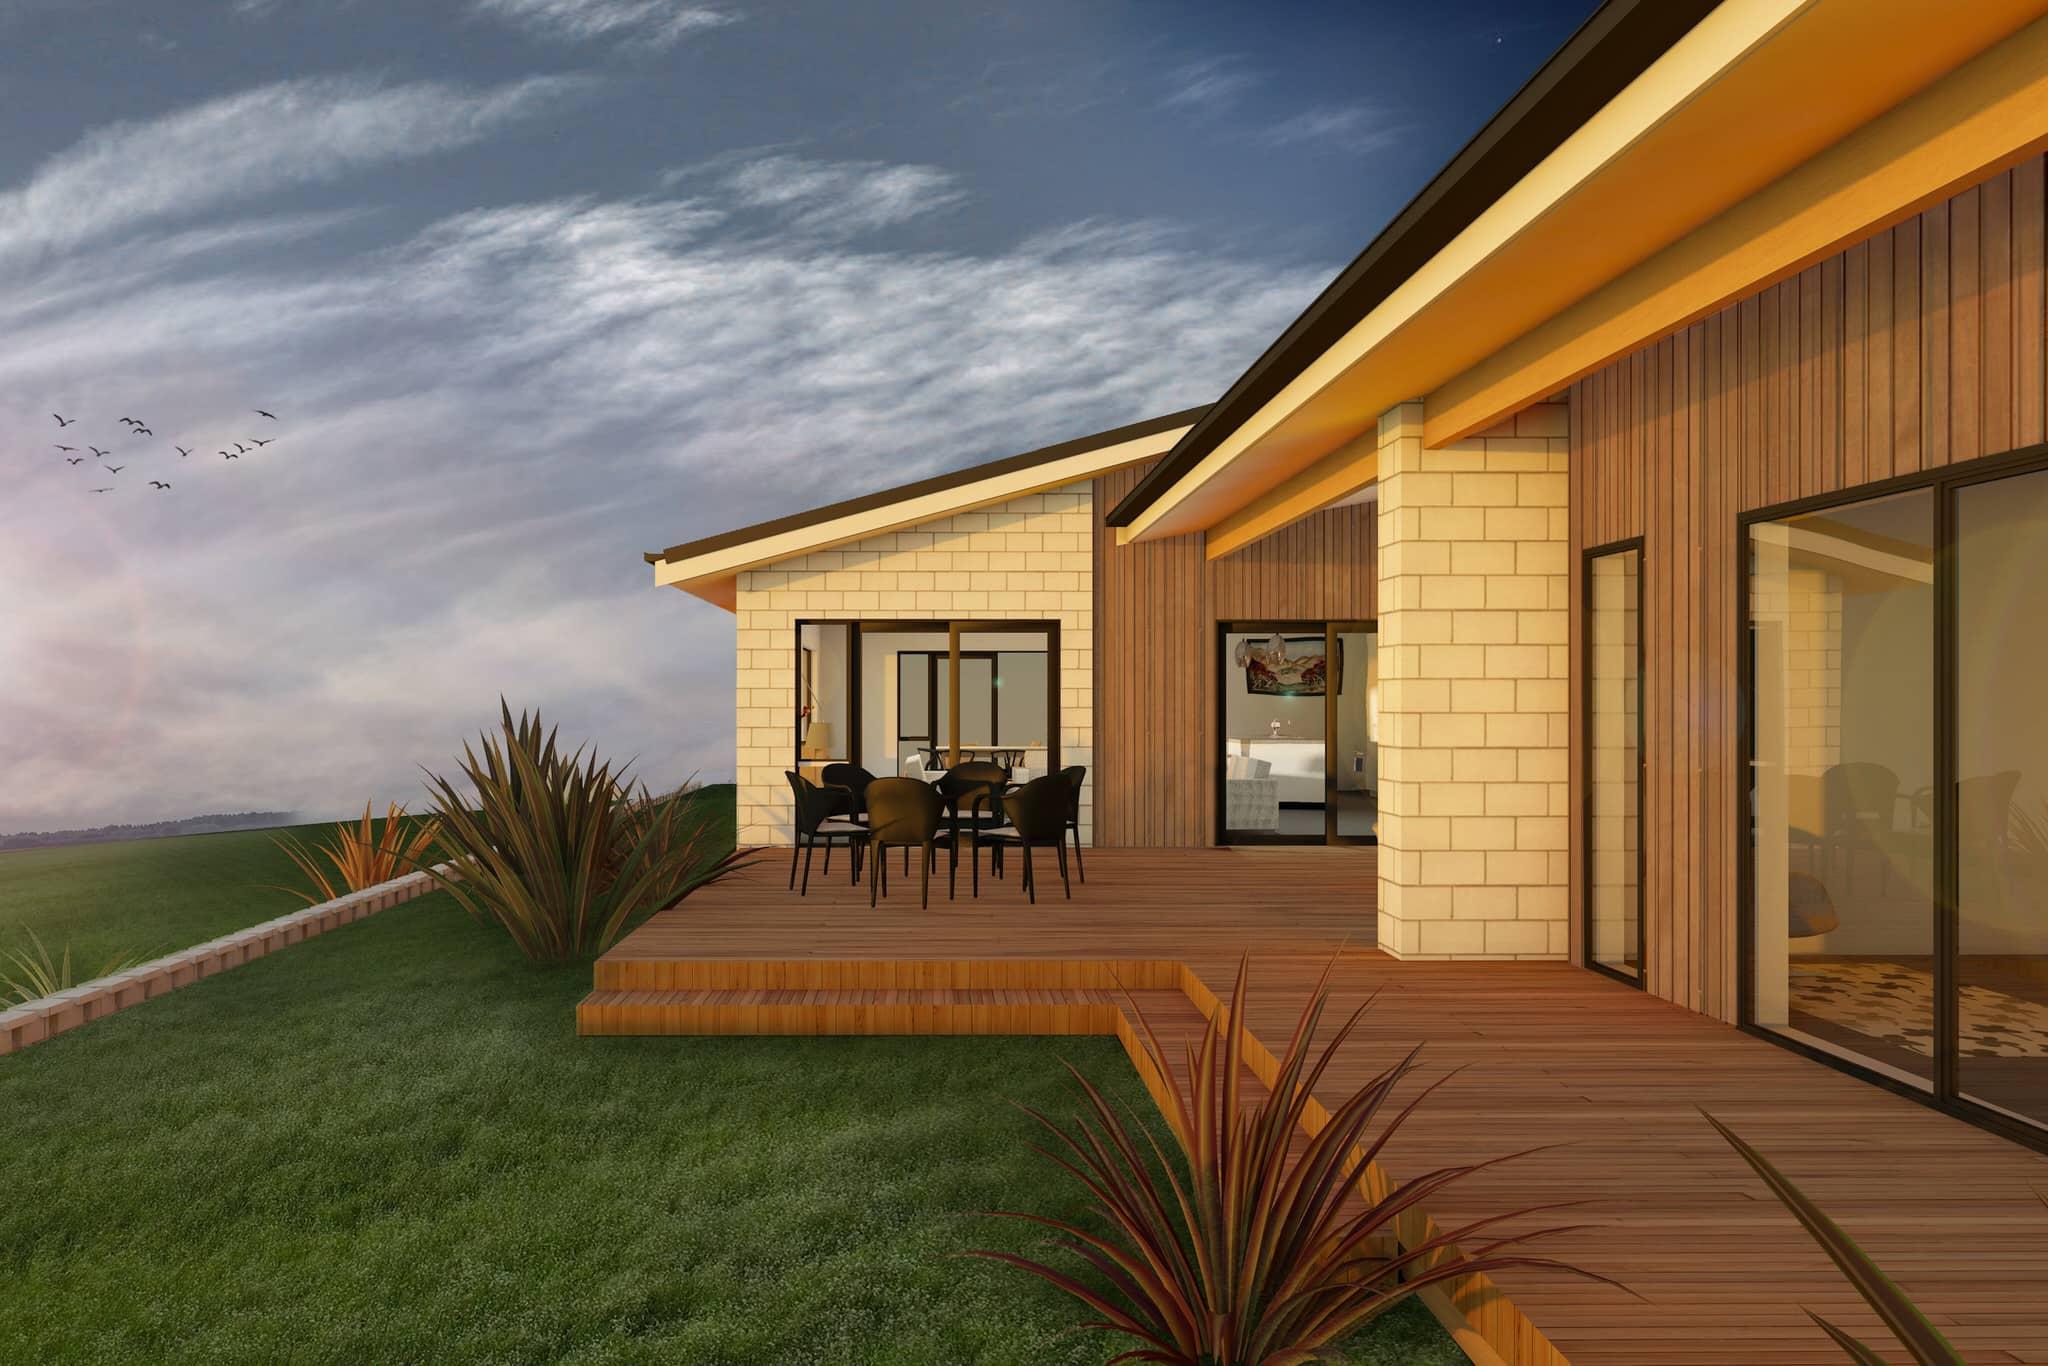 Waikato House